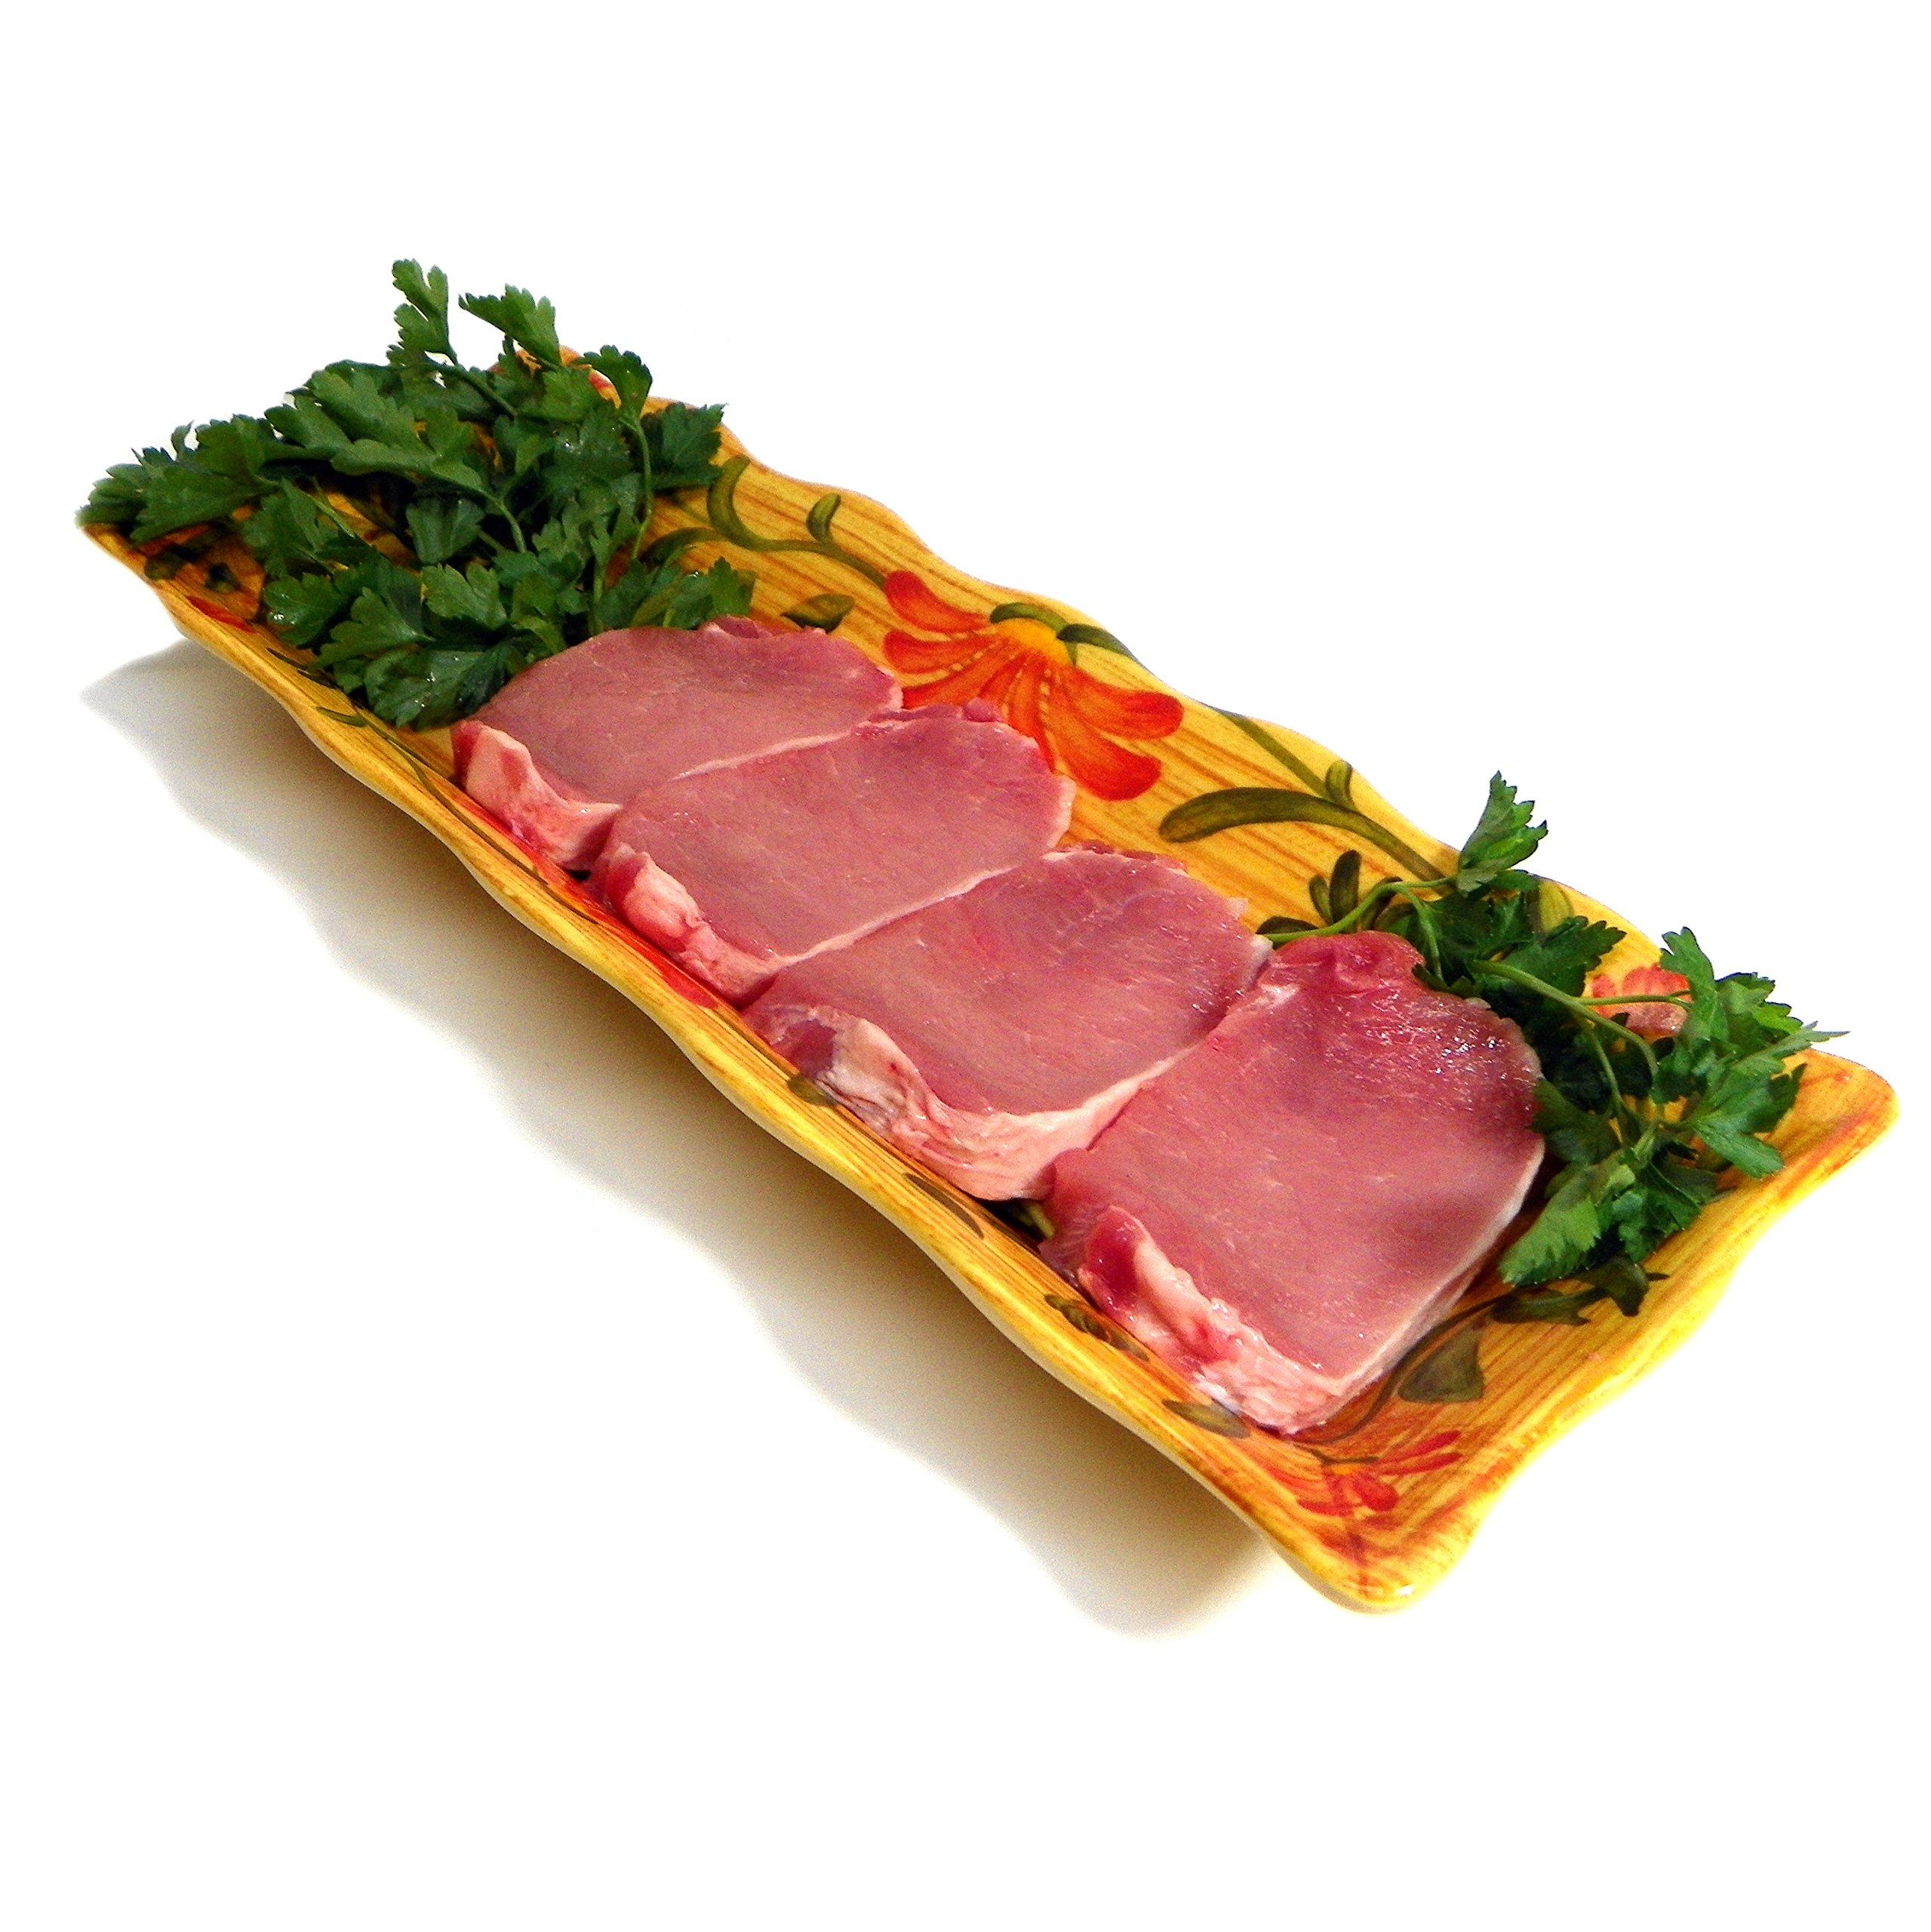 All Natural Pork Loin Center cut Chops Boneless 8- 1'' thick